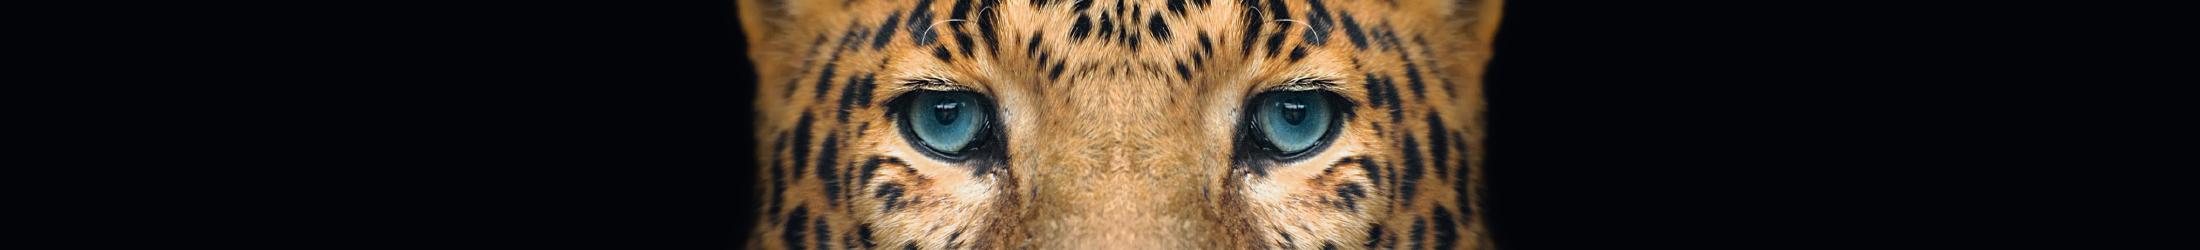 Wilde dieren slideshow